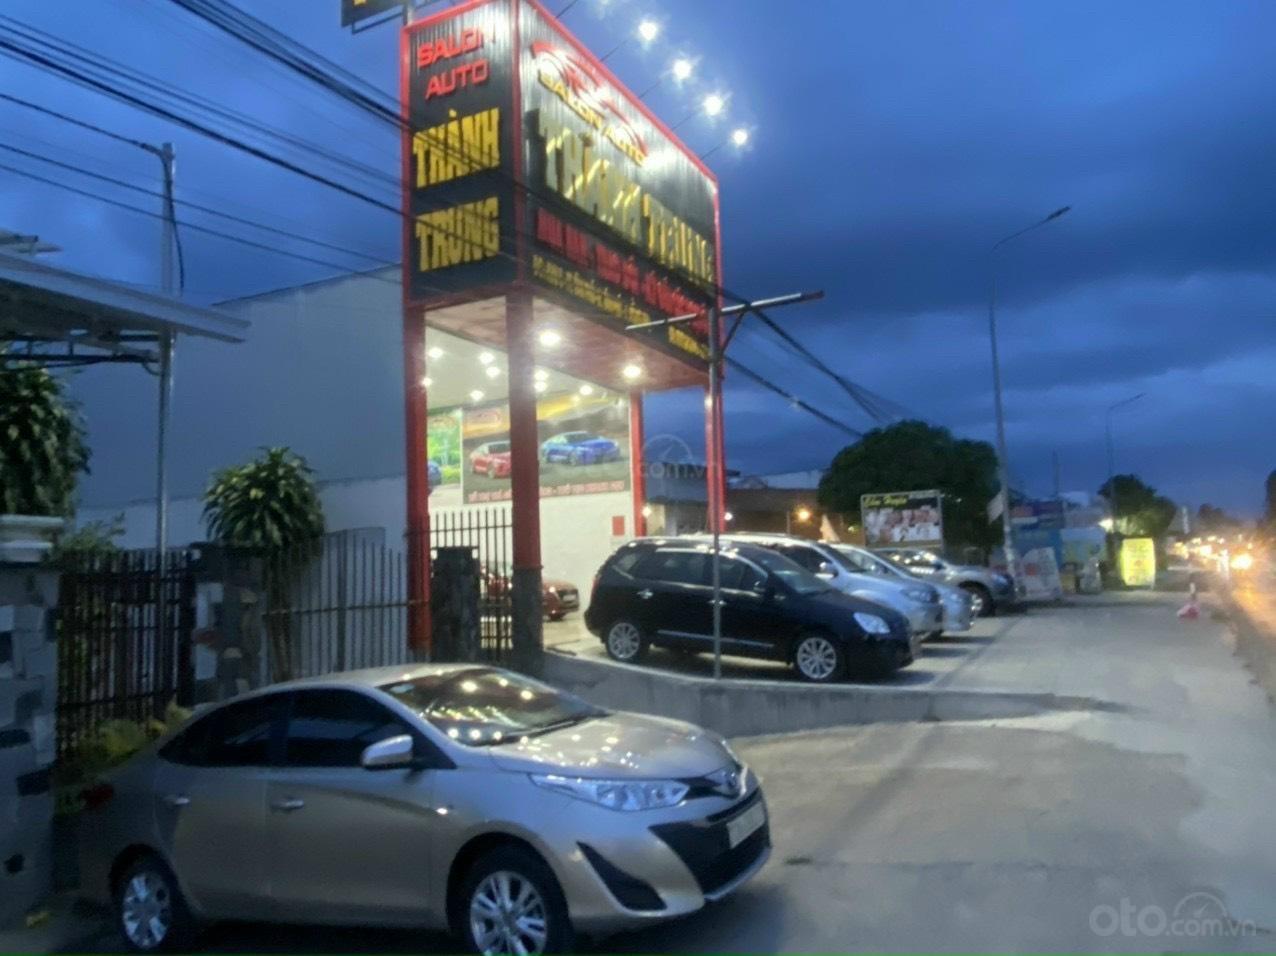 Auto Thành Trung (4)